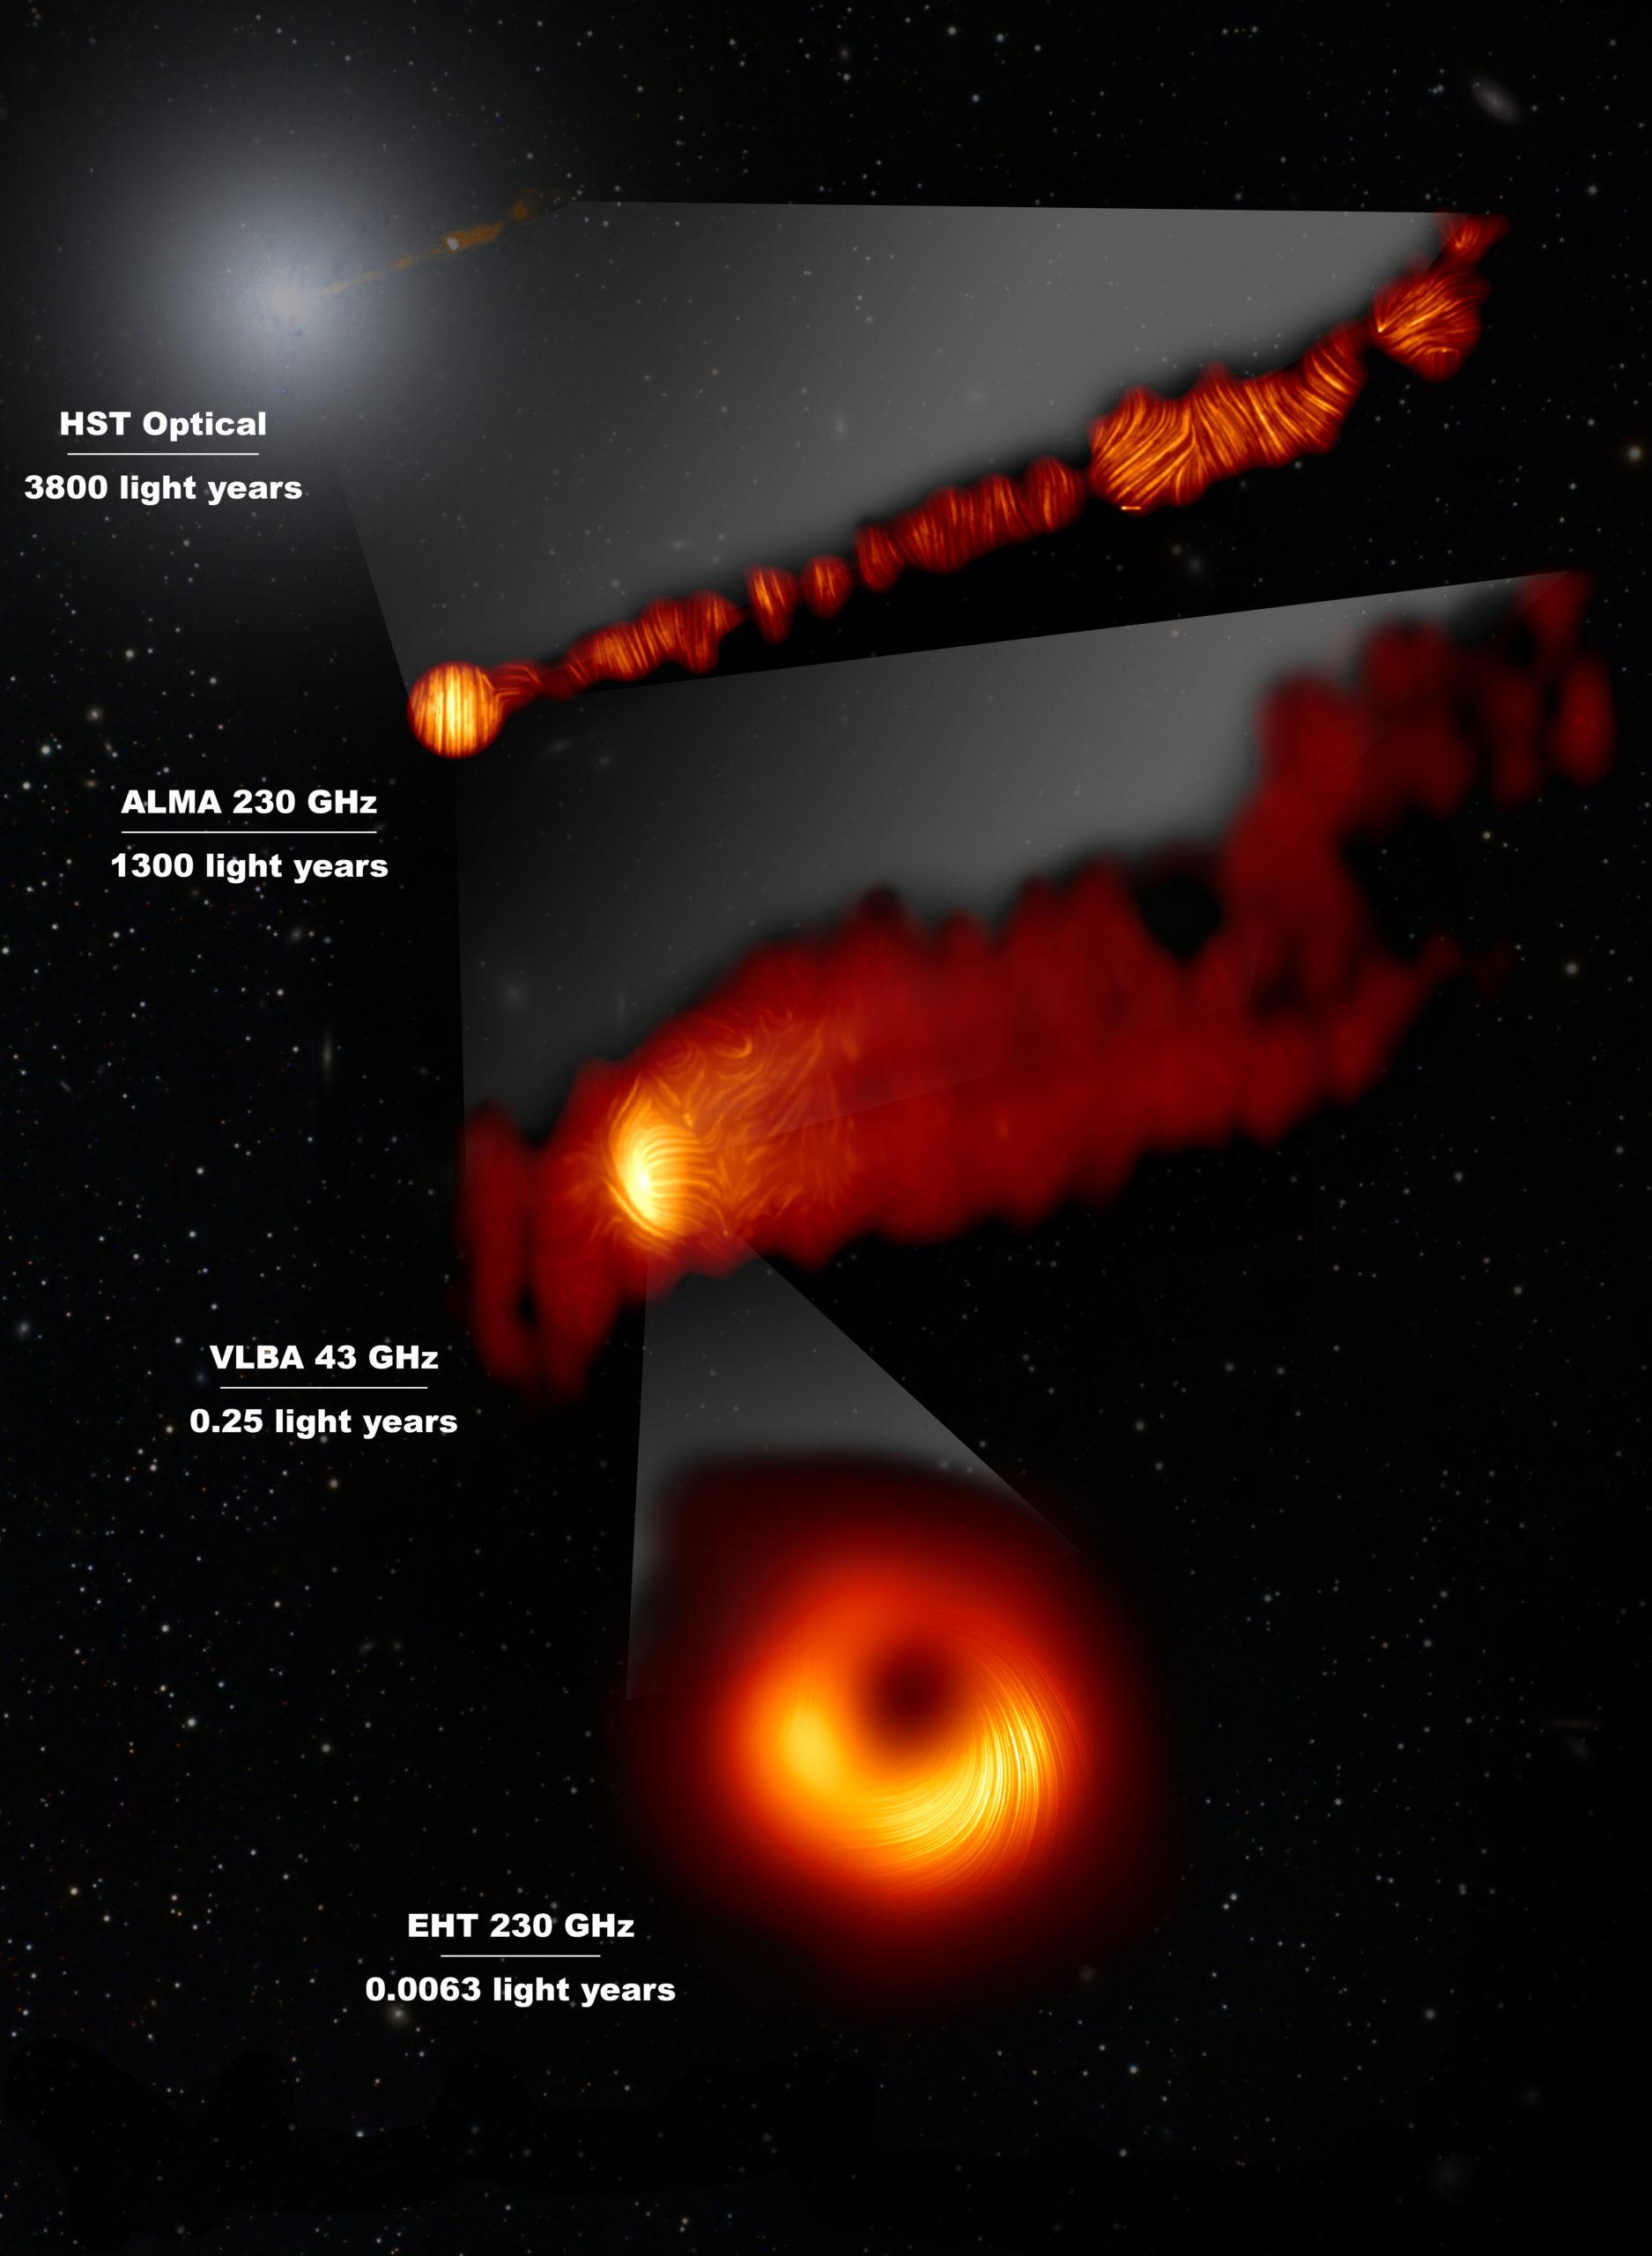 Esta composición muestra tres vistas de la región central de la galaxia Messier 87 (M87) en luz polarizada y una vista, en la longitud de onda visible, tomada con el Telescopio Espacial Hubble. La galaxia tiene un agujero negro supermasivo en su centro y es famosa por sus chorros, que se extienden mucho más allá de la galaxia. La imagen del Hubble, en la parte superior, capta una parte del chorro de unos 6000 años luz de tamaño.  Una de las imágenes de luz polarizada, obtenida con el conjunto de antenas ALMA muestra parte del chorro en luz polarizada. Esta imagen capta la parte del chorro, con un tamaño de 6000 años luz, que está más cerca del centro de la galaxia.  Las otras imágenes en luz polarizada se acercan al agujero negro supermasivo: la vista central cubre una región de aproximadamente un año luz de tamaño y se obtuvo con el VLBA (Very Long Baseline Array) del Observatorio Nacional de Radioastronomía, en los Estados Unidos.  La vista más ampliada se obtuvo mediante la vinculación de ocho telescopios de todo el mundo para crear un telescopio virtual del tamaño de la Tierra, el EHT (Event Horizon Telescope, Telescopio de Horizonte de Sucesos). Esto permite a los astrónomos ver la zona que está muy cerca del agujero negro supermasivo, en la región donde se lanzan los chorros.  Las líneas marcan la orientación de la polarización, que está relacionada con el campo magnético en las regiones que vemos en la imagen. Los datos de ALMA proporcionan una descripción de la estructura del campo magnético a lo largo del chorro. Por lo tanto, la información combinada del EHT y ALMA permite a los astrónomos investigar el papel de los campos magnéticos desde las proximidades del horizonte de sucesos (como ha demostrado el EHT en escalas de día luz) mucho más allá de la galaxia M87 a lo largo de sus potentes chorros (como se ha visto con ALMA en escalas de miles de años luz).  Los valores en GHz se refieren a las frecuencias de luz en las que se realizaron las diferentes obse